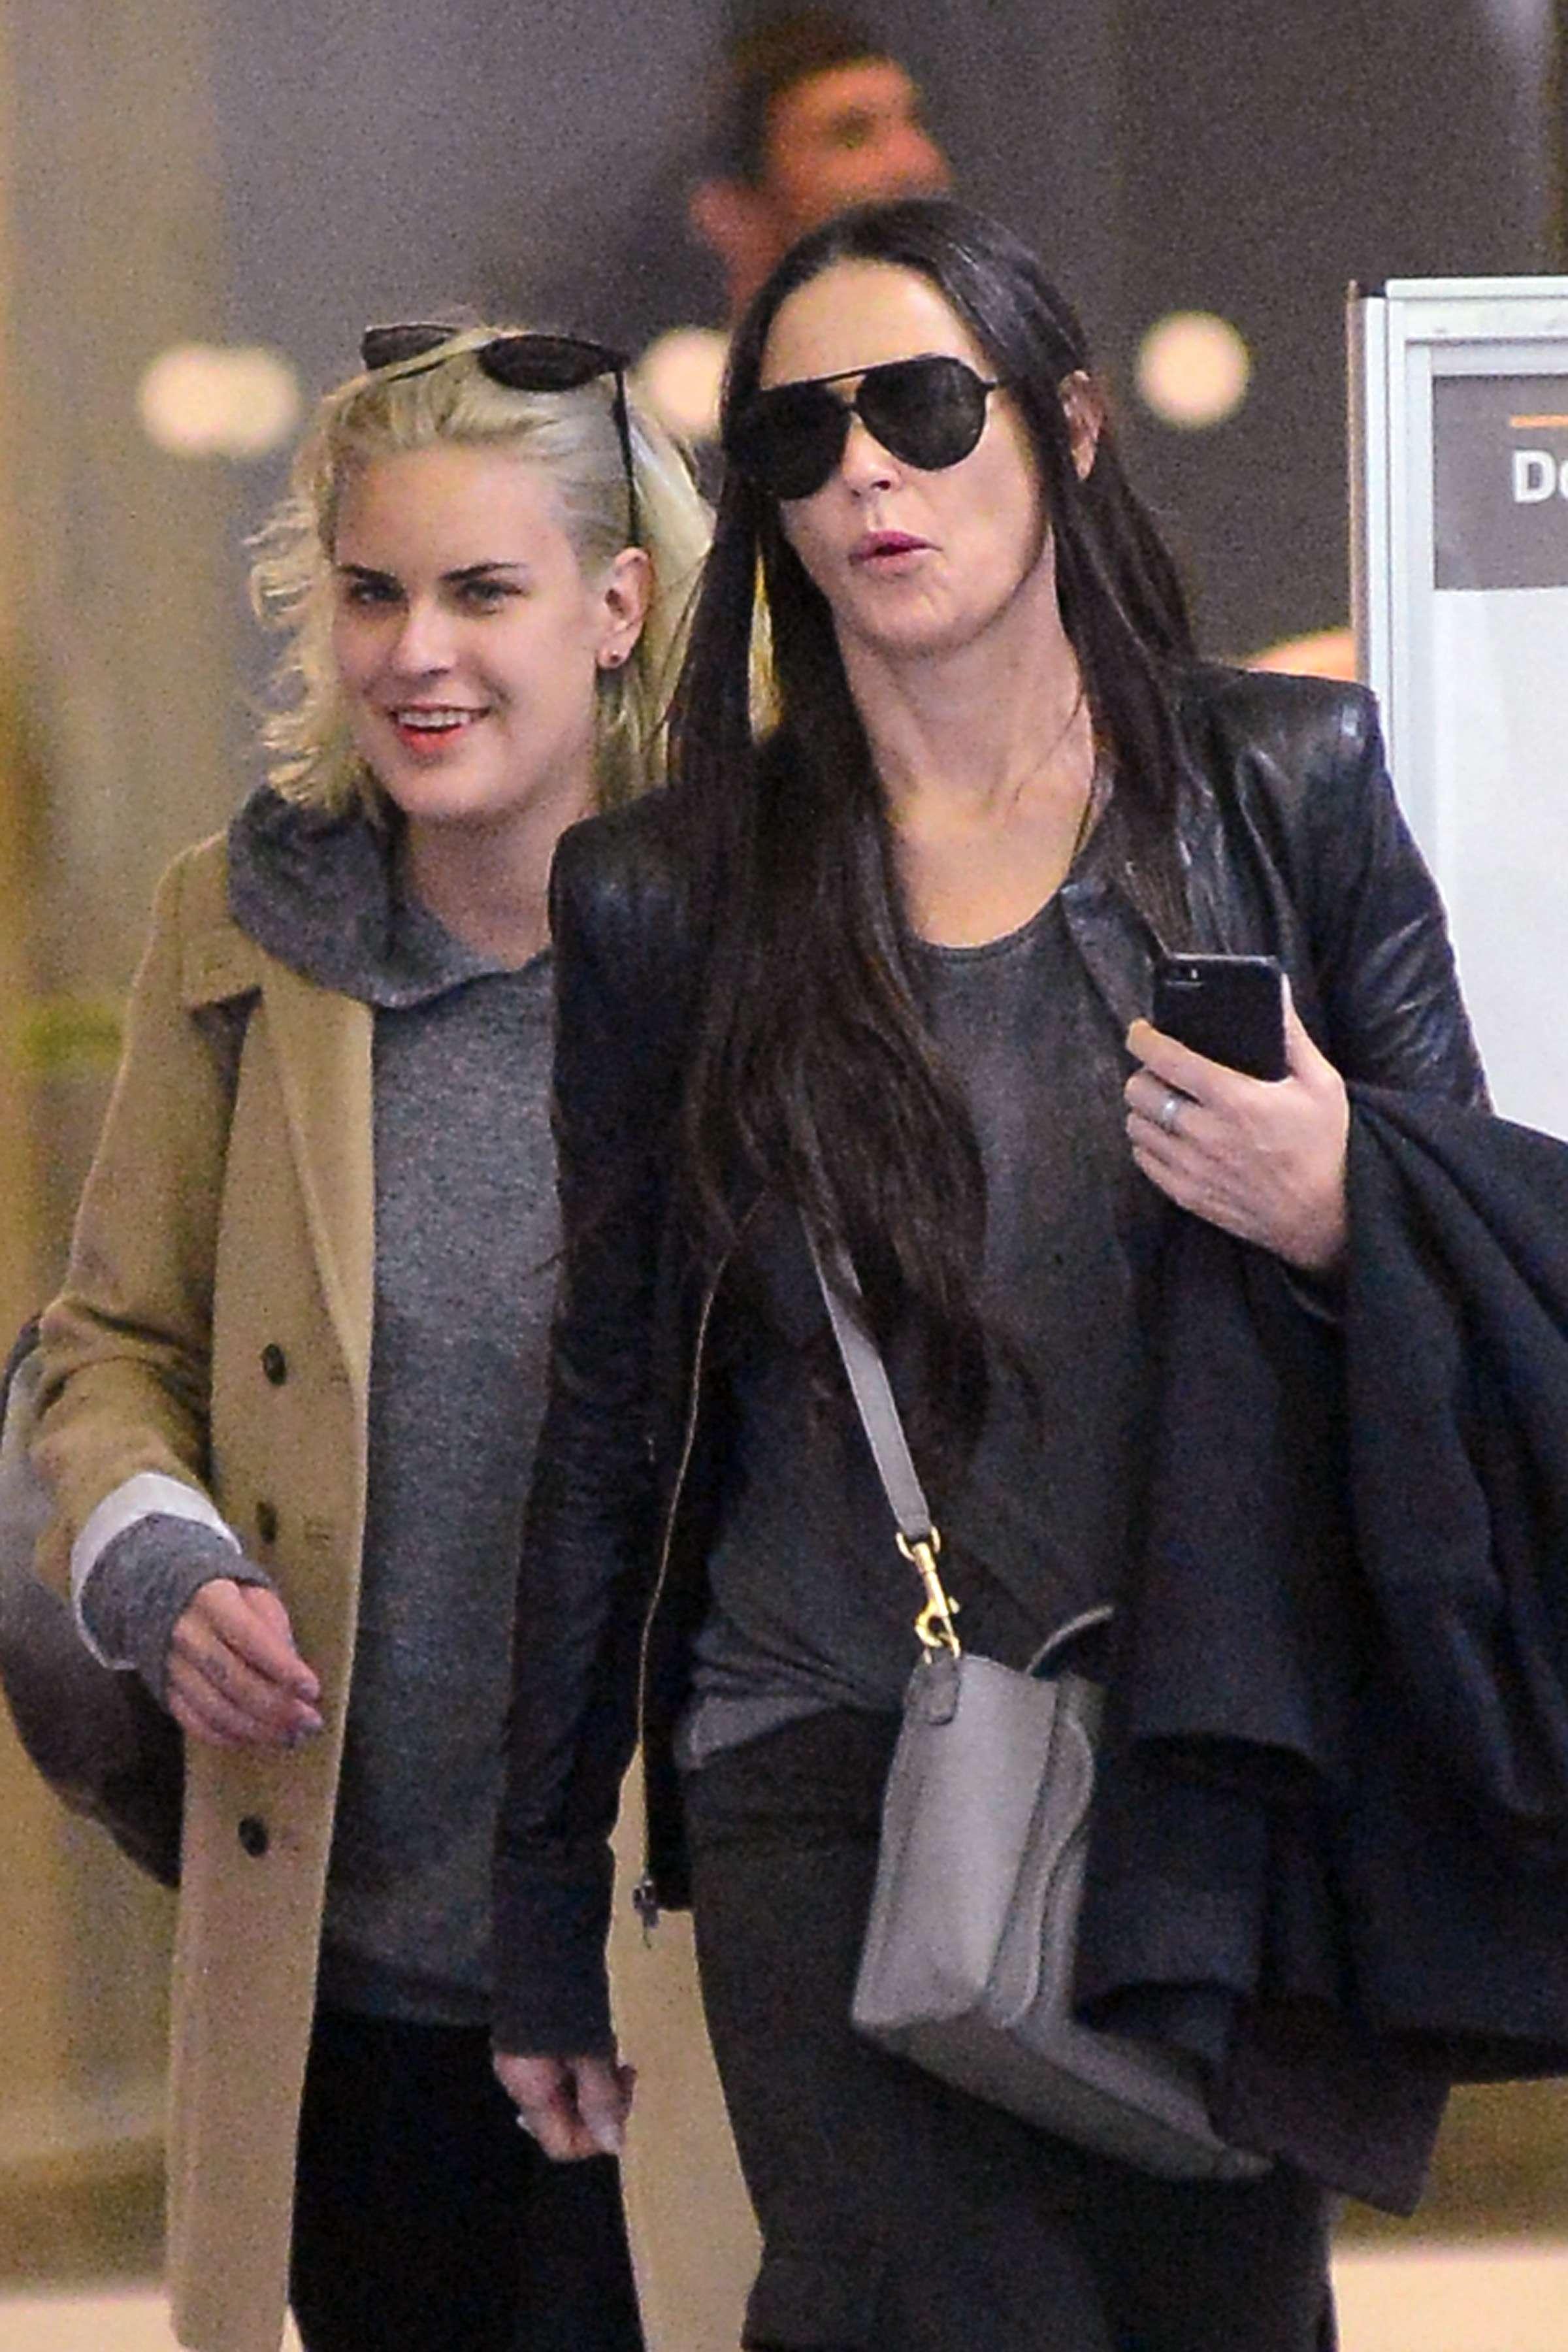 19 de Septiembre de 2014 - Demi Moore fue vista en público junto a su hija Tallulah. Madre e hija llegaron a Nueva York para pasar un tiempo juntas después de que el 'retoñito' de la actriz, estuviera seis semanas en rehabilitación por abuso de drogas y alcohol. Foto: CHR/The Grosby Group